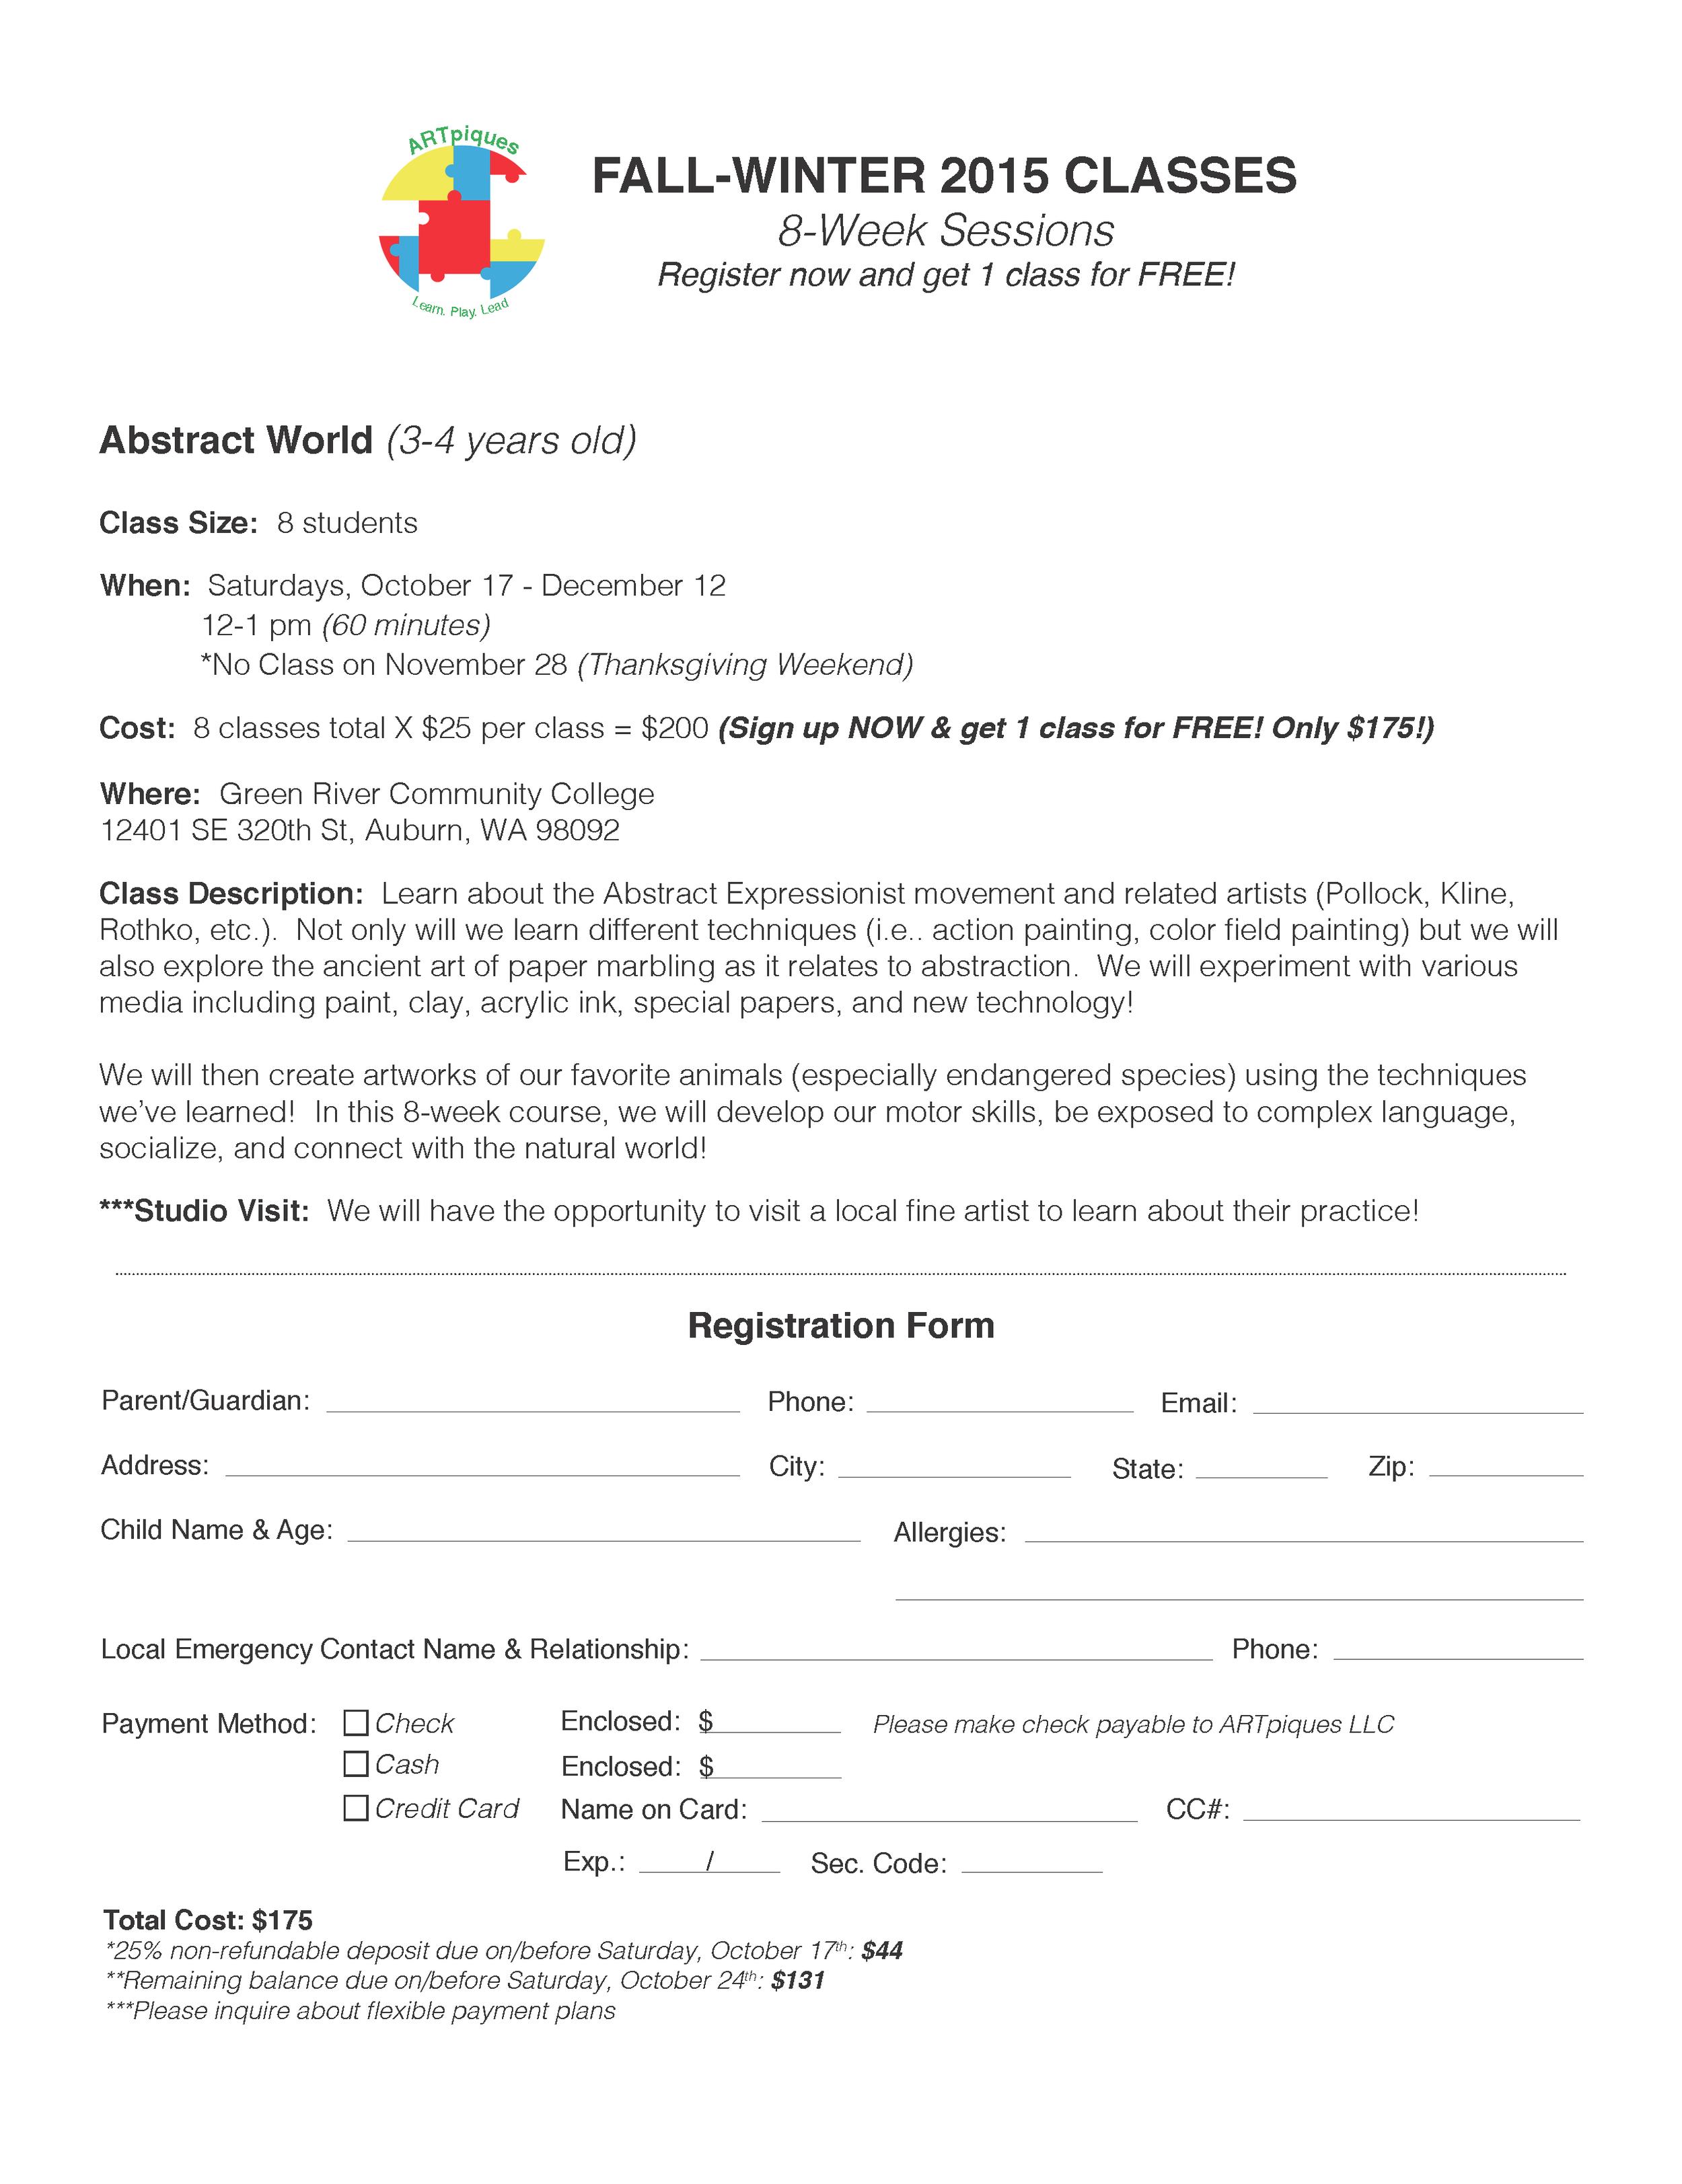 Registration Form_3-4yrs.png